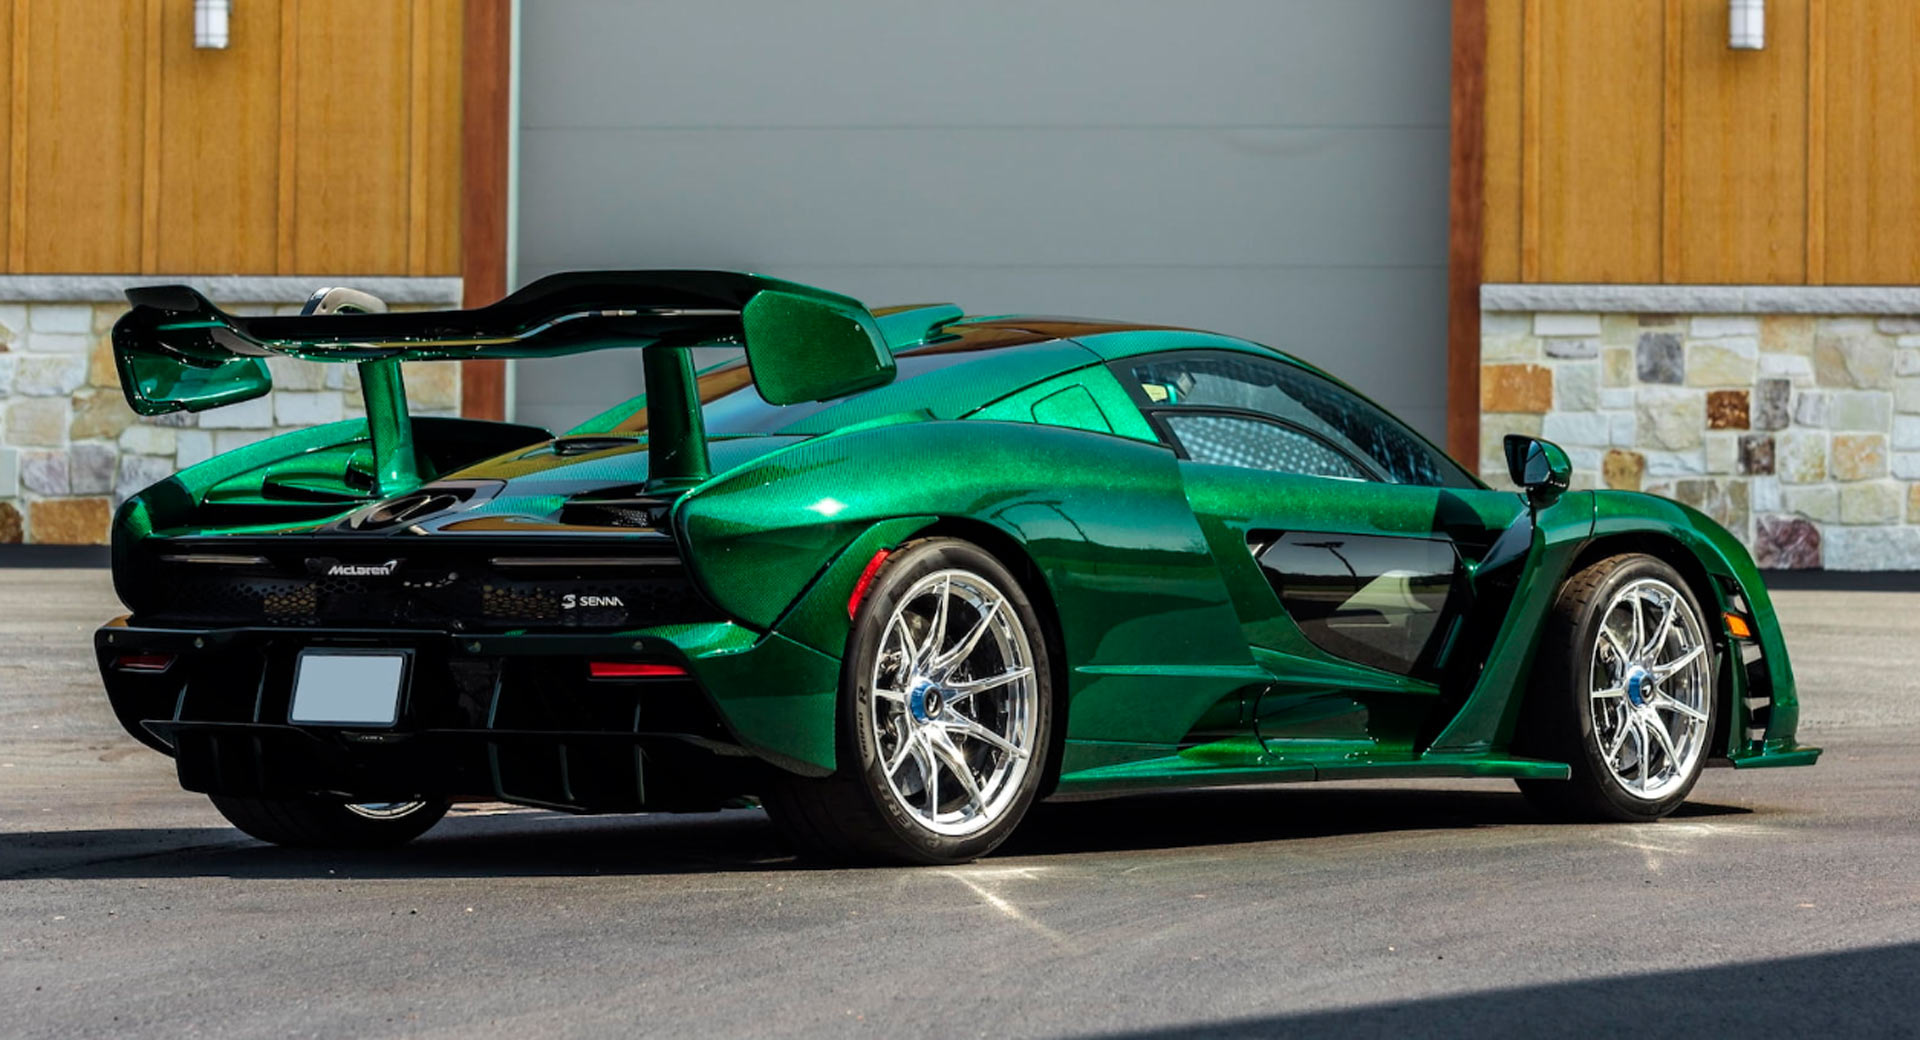 Michael-Fux-cars-auction-McLaren-Senna-2